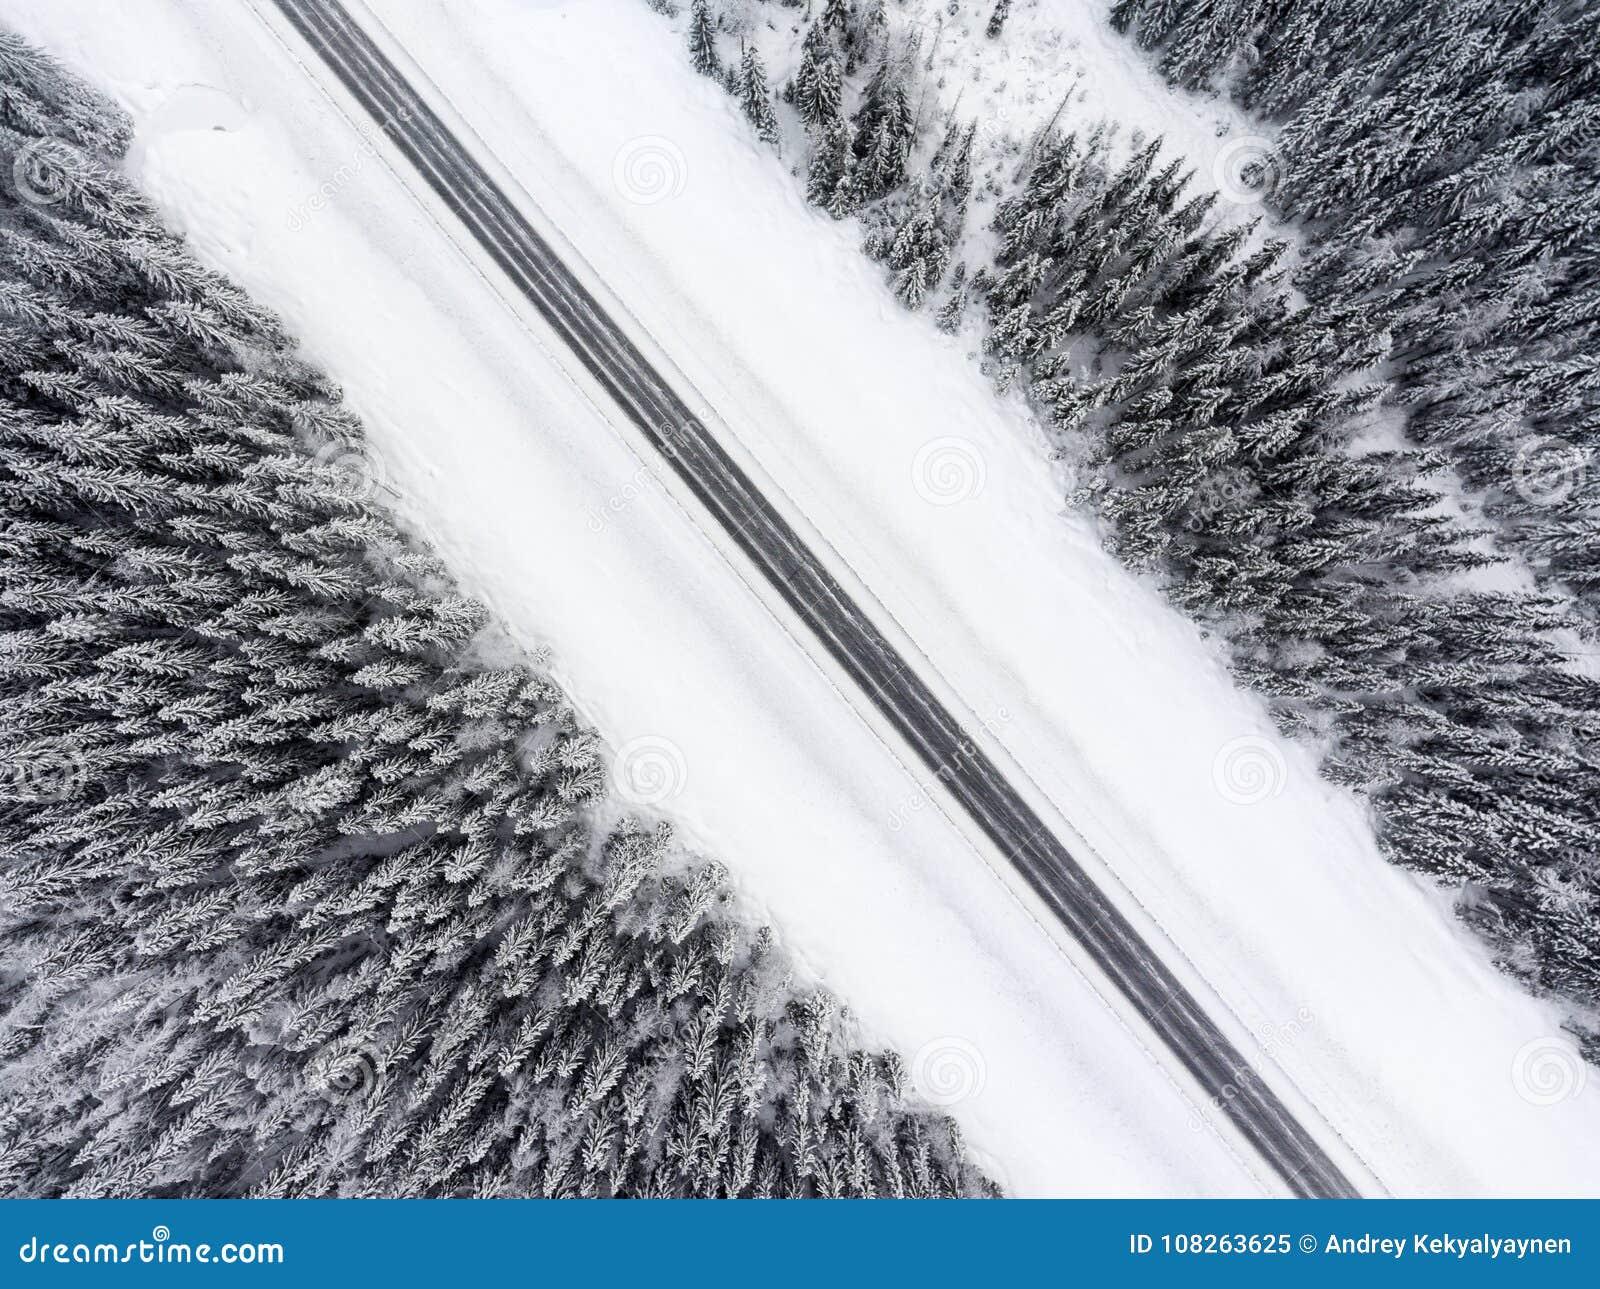 Den bästa sikten på den vintriga hala vägbortgången till och med snön täckte barrskogen